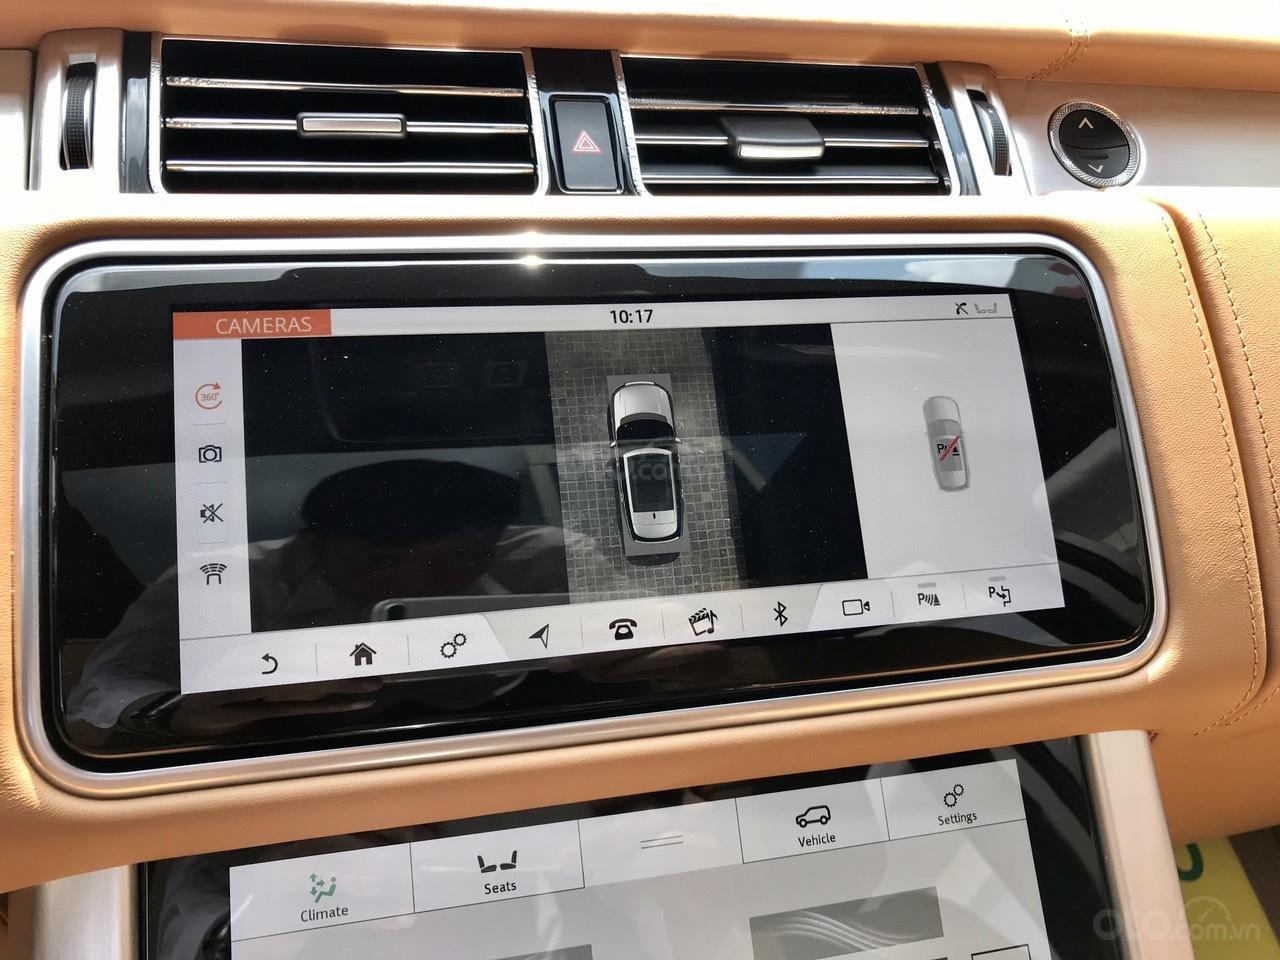 Bán xe Range Rover SV Autobiography 3.0 màu đỏ 2020, xe có sẵn giao ngay toàn quốc, giá tốt LH Ms Hương (10)